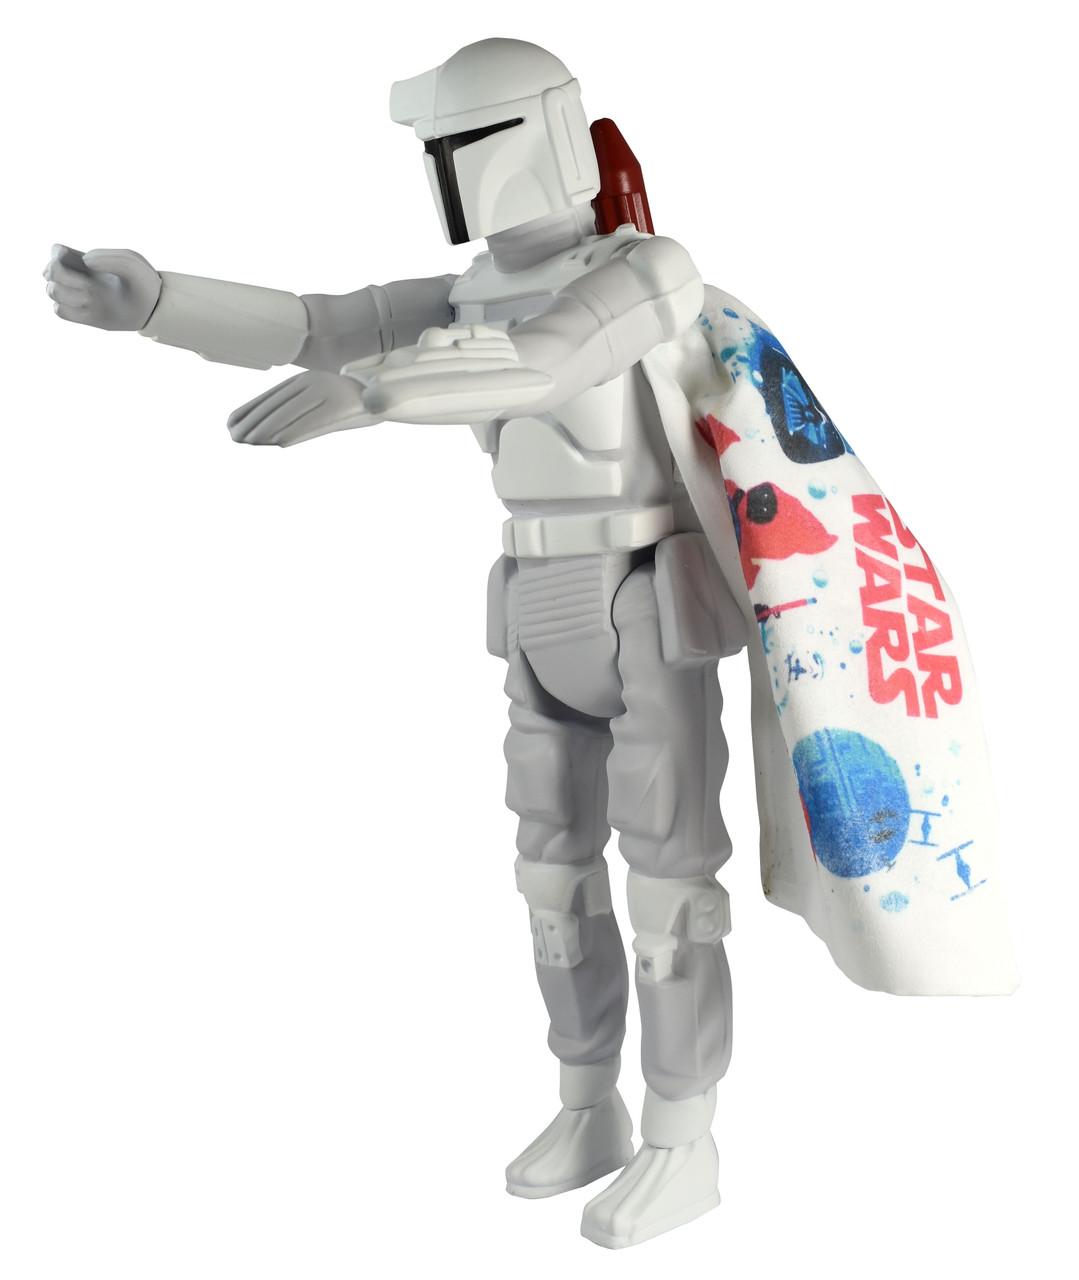 Star Wars™ - Boba Fett (Prototype) Jumbo Figure - 2020 Holiday Gift Exclusive - Display